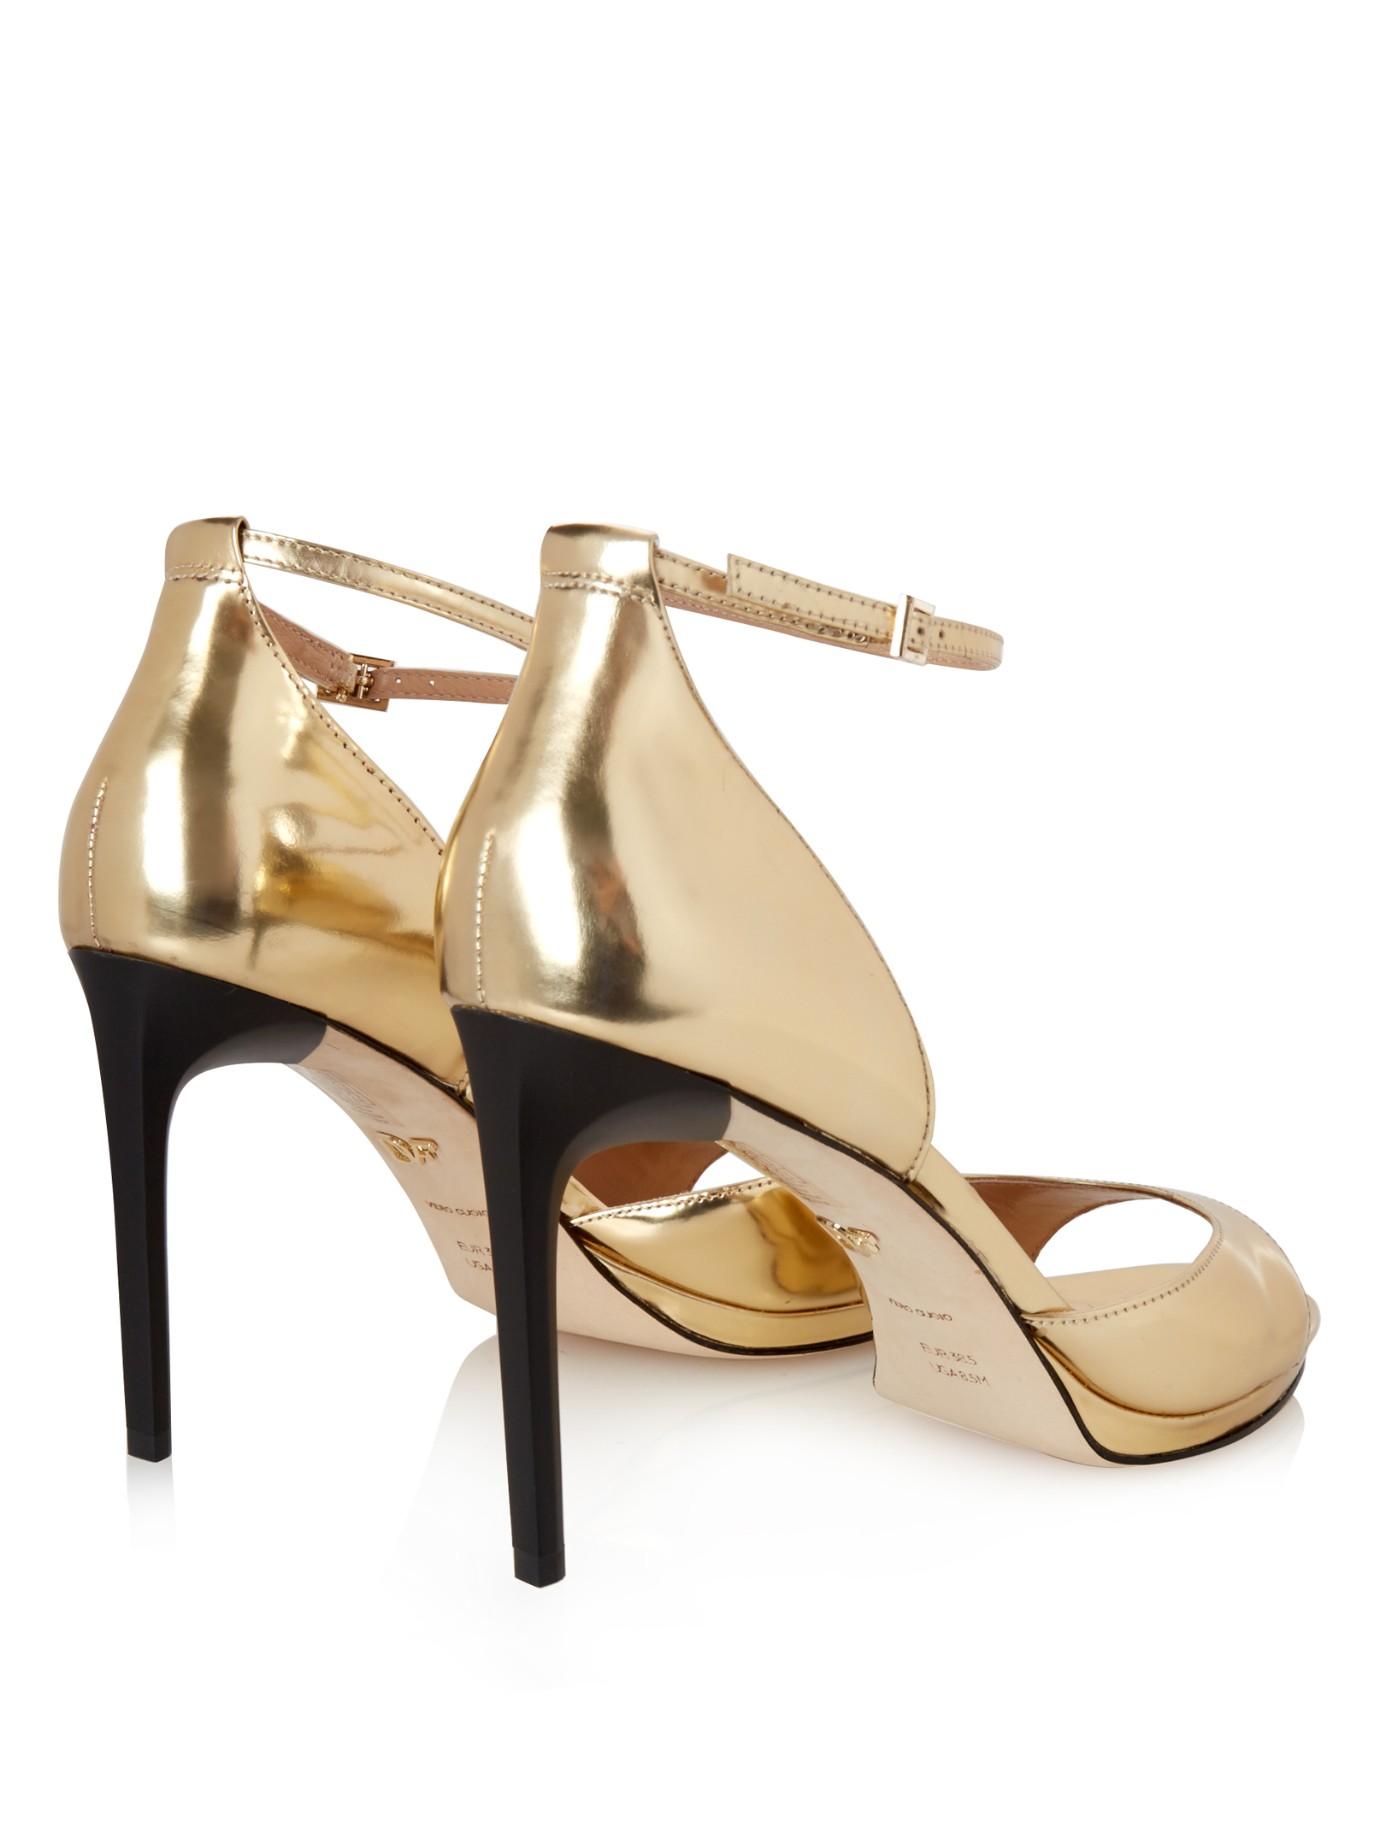 Diane von Furstenberg Snakeskin Cutout Sandals outlet affordable 0aT8gMgB5